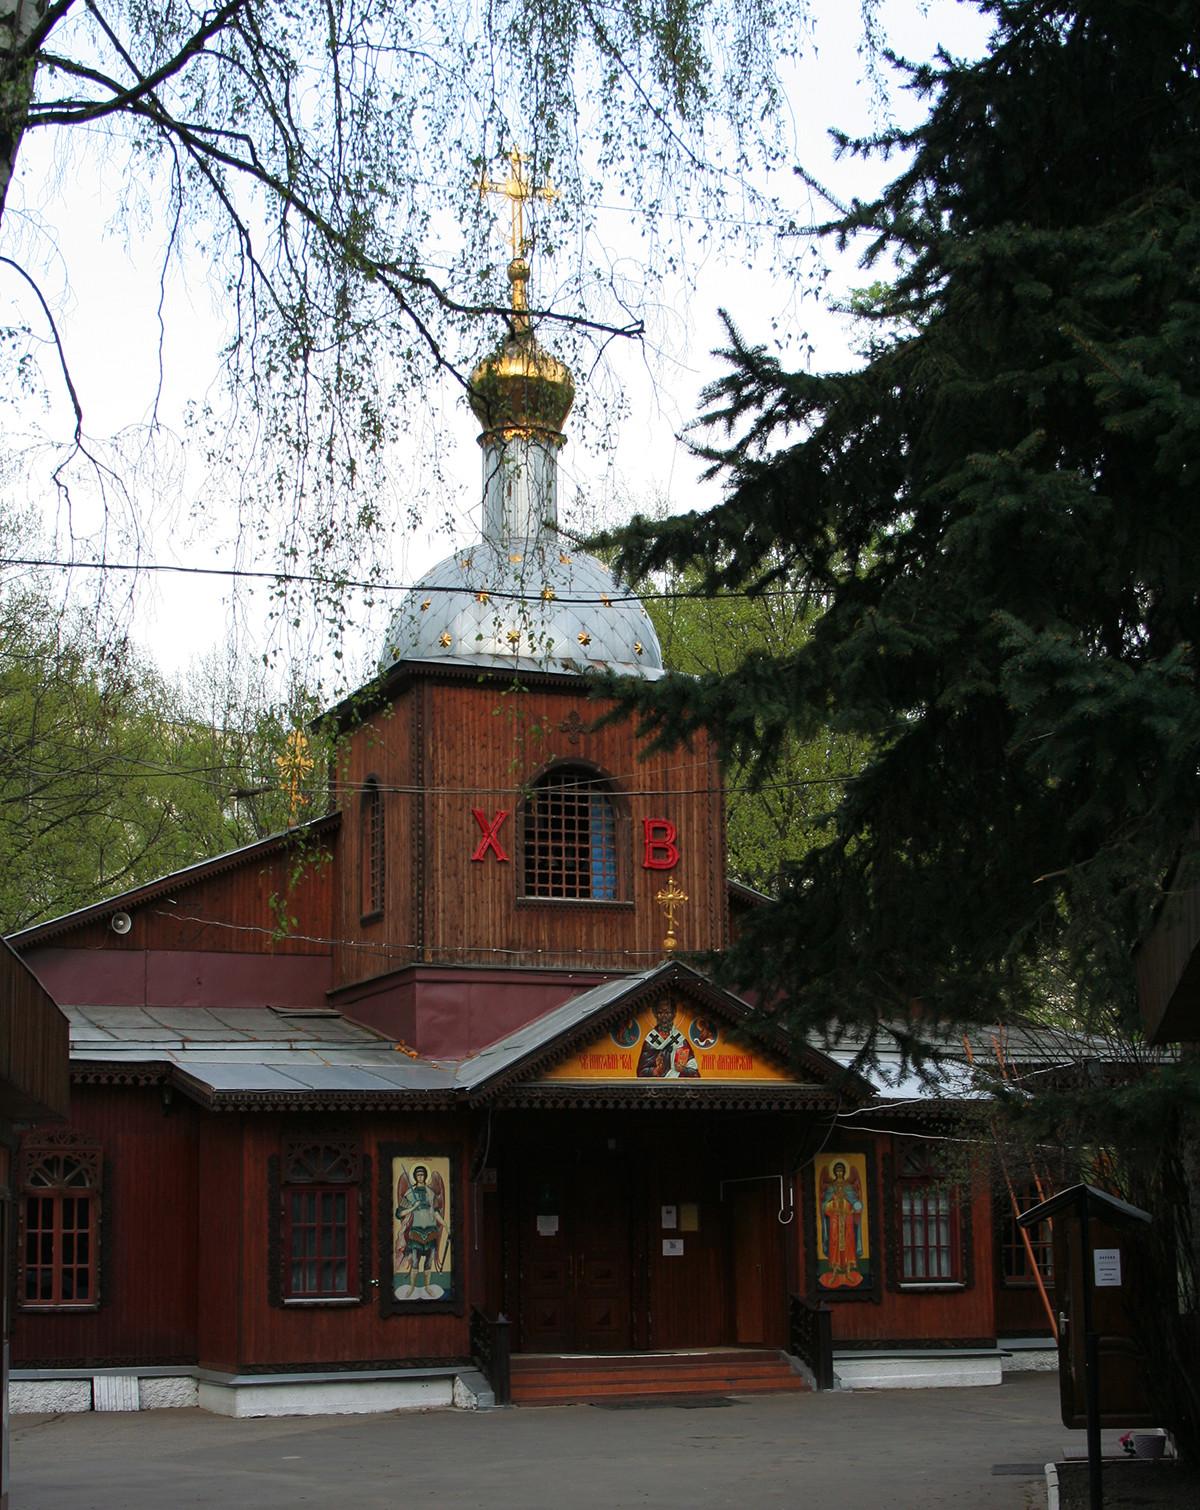 Храм светог Николаја Чудотворца у Бирјуљову, Москва, подигнут  1956.